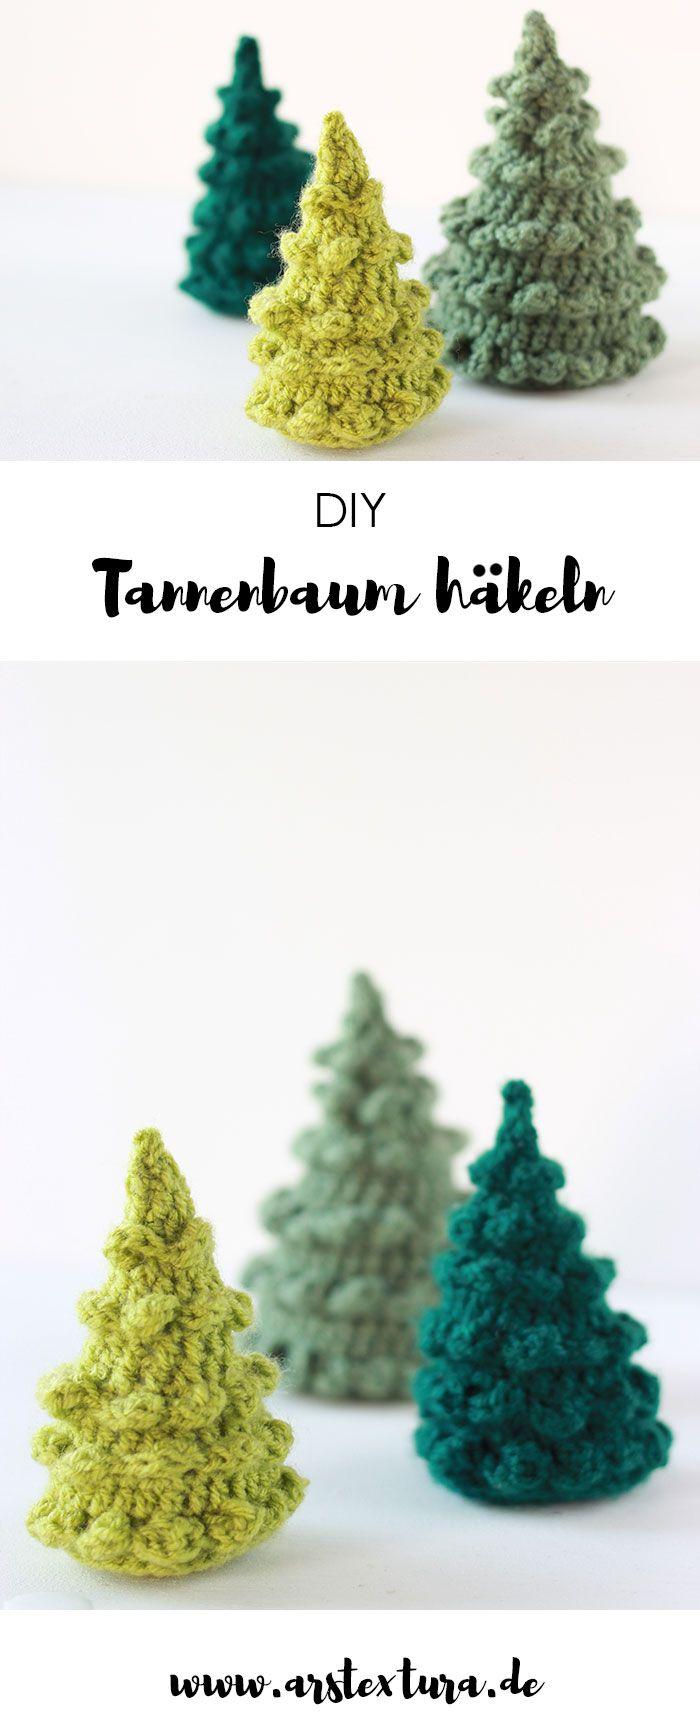 Tannenbaum häkeln